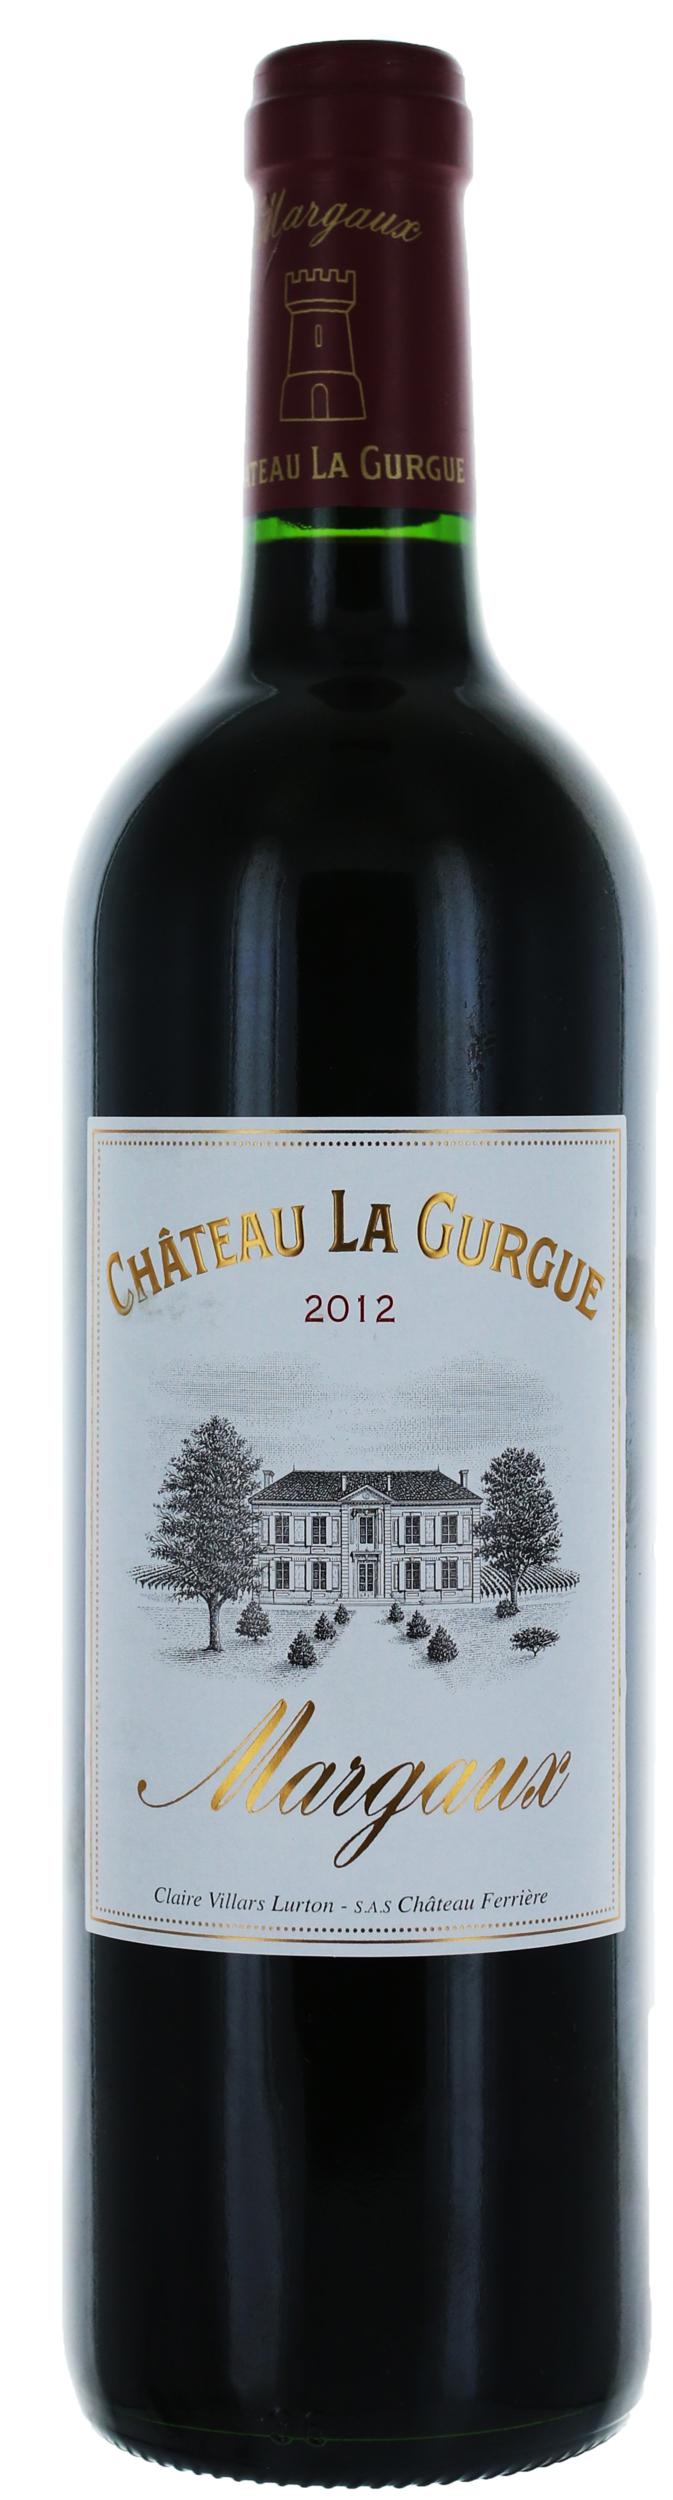 Margaux - Château La Gurgue - 2016